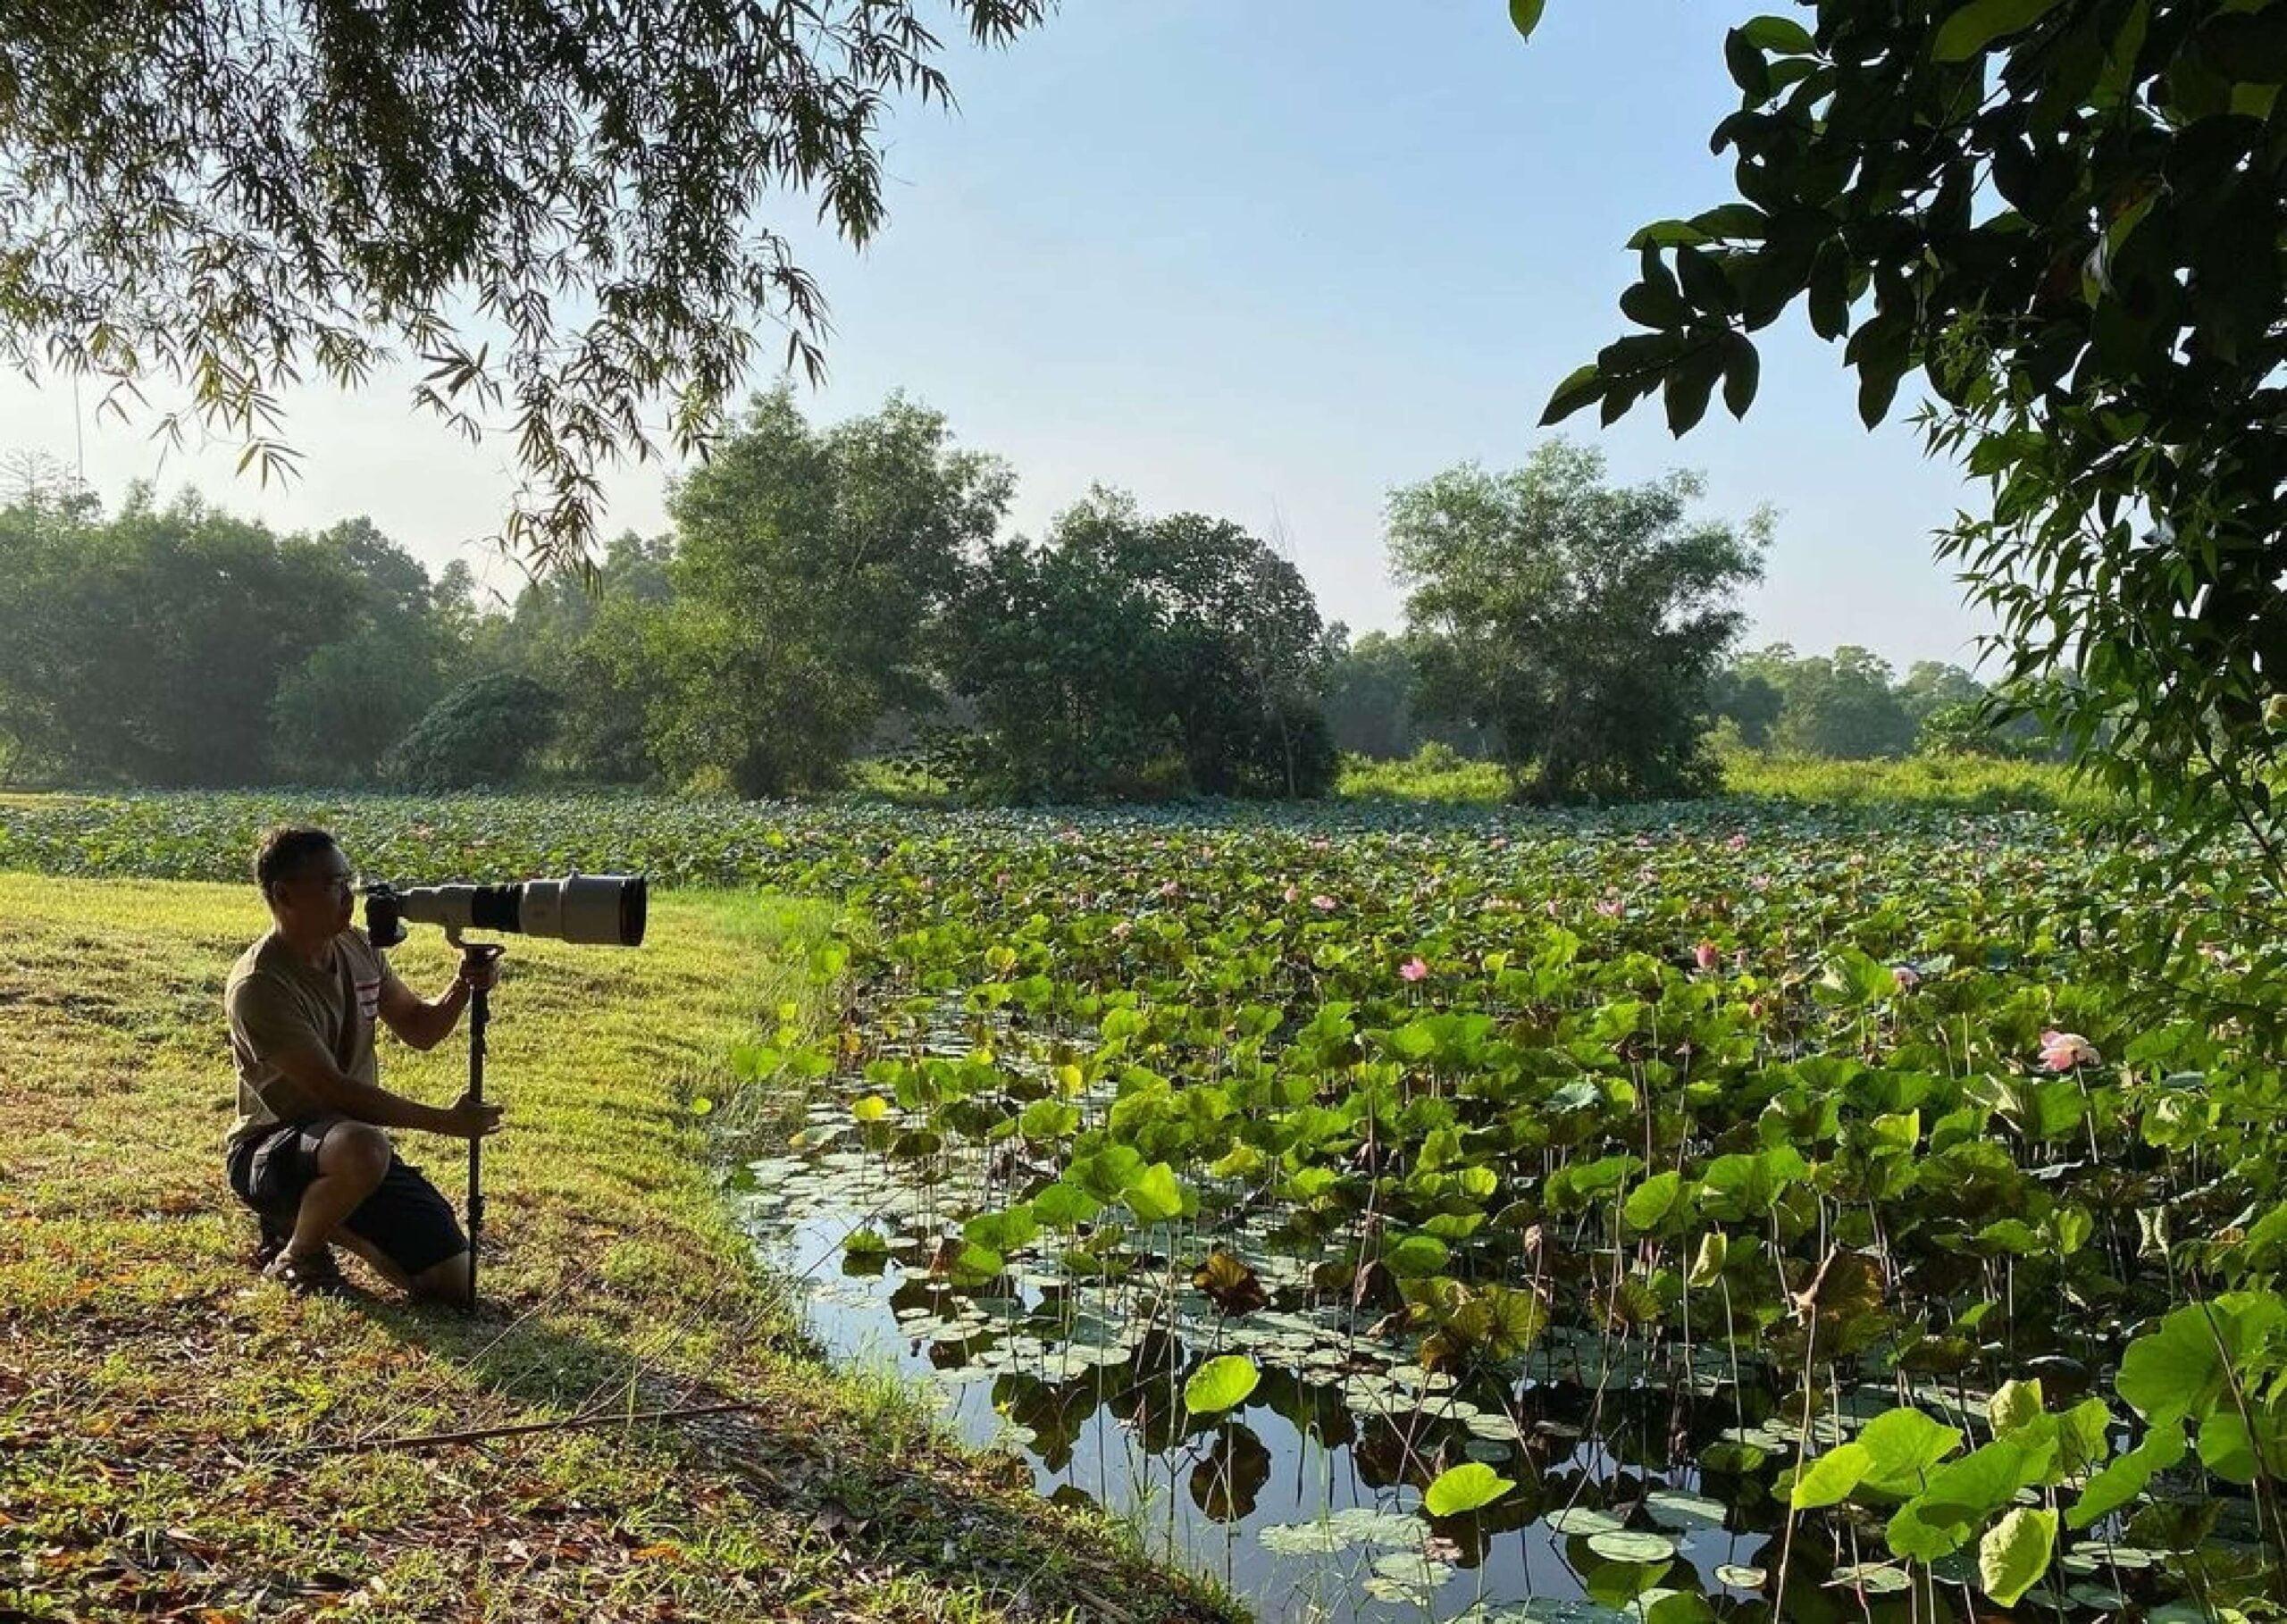 Paya Indah Wetlands